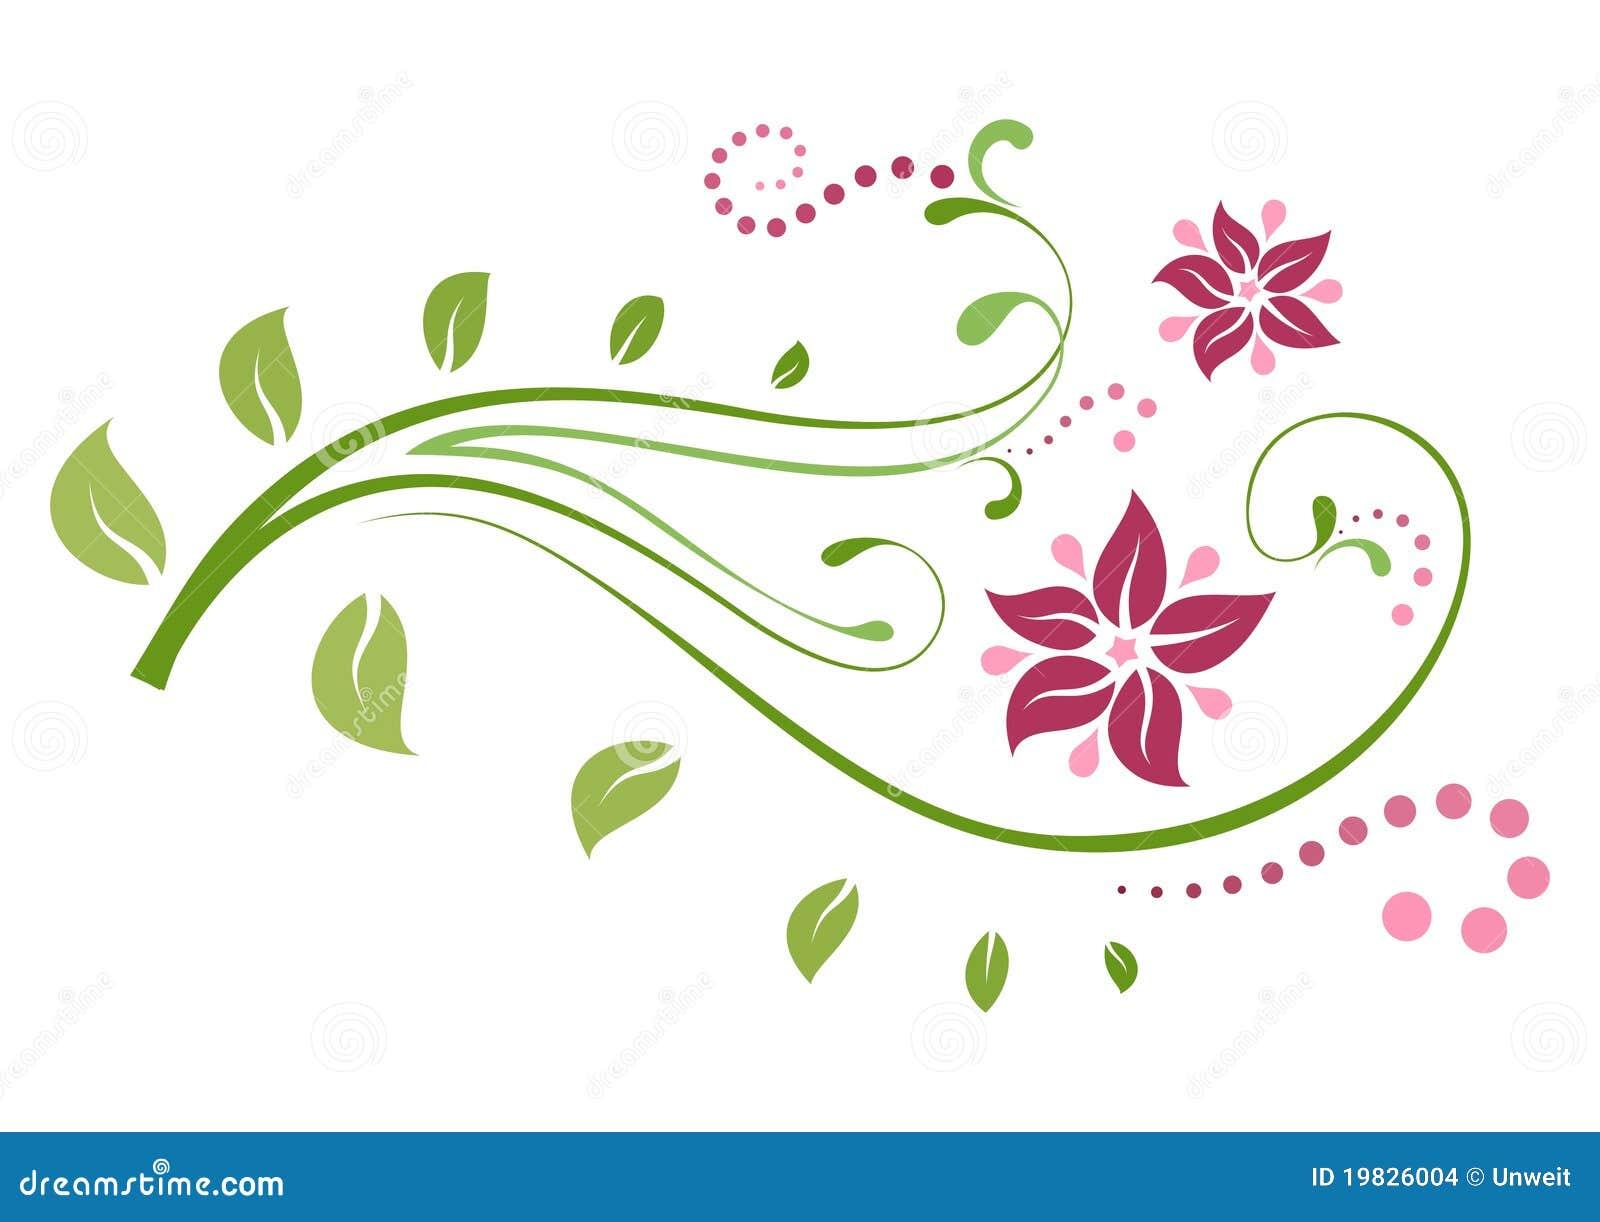 Bloemen decoratie stock afbeeldingen afbeelding 19826004 - Decoratie afbeelding ...